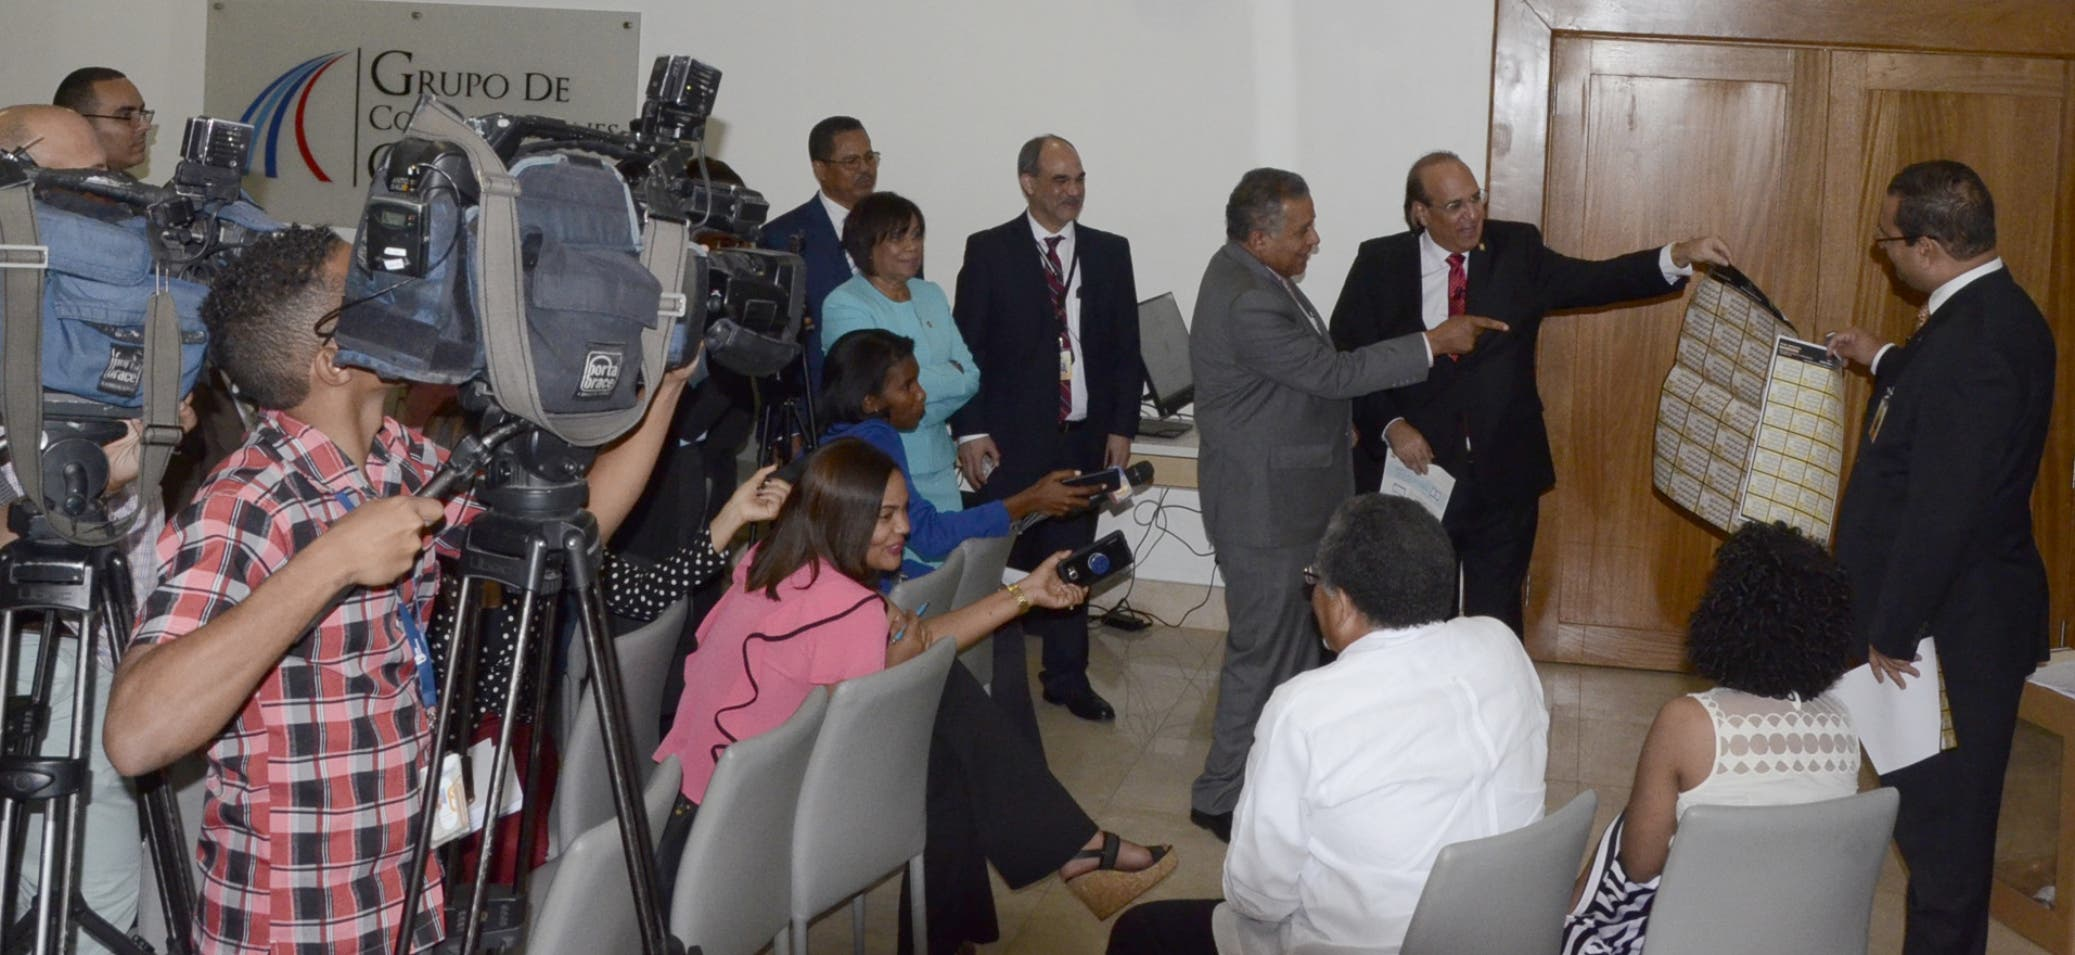 Julio César Castaños Guzmán muestra  a los presentes   un modelo  de las boletas en el nivel municipal que serán  utilizadas en las elecciones de 2020.  José de León